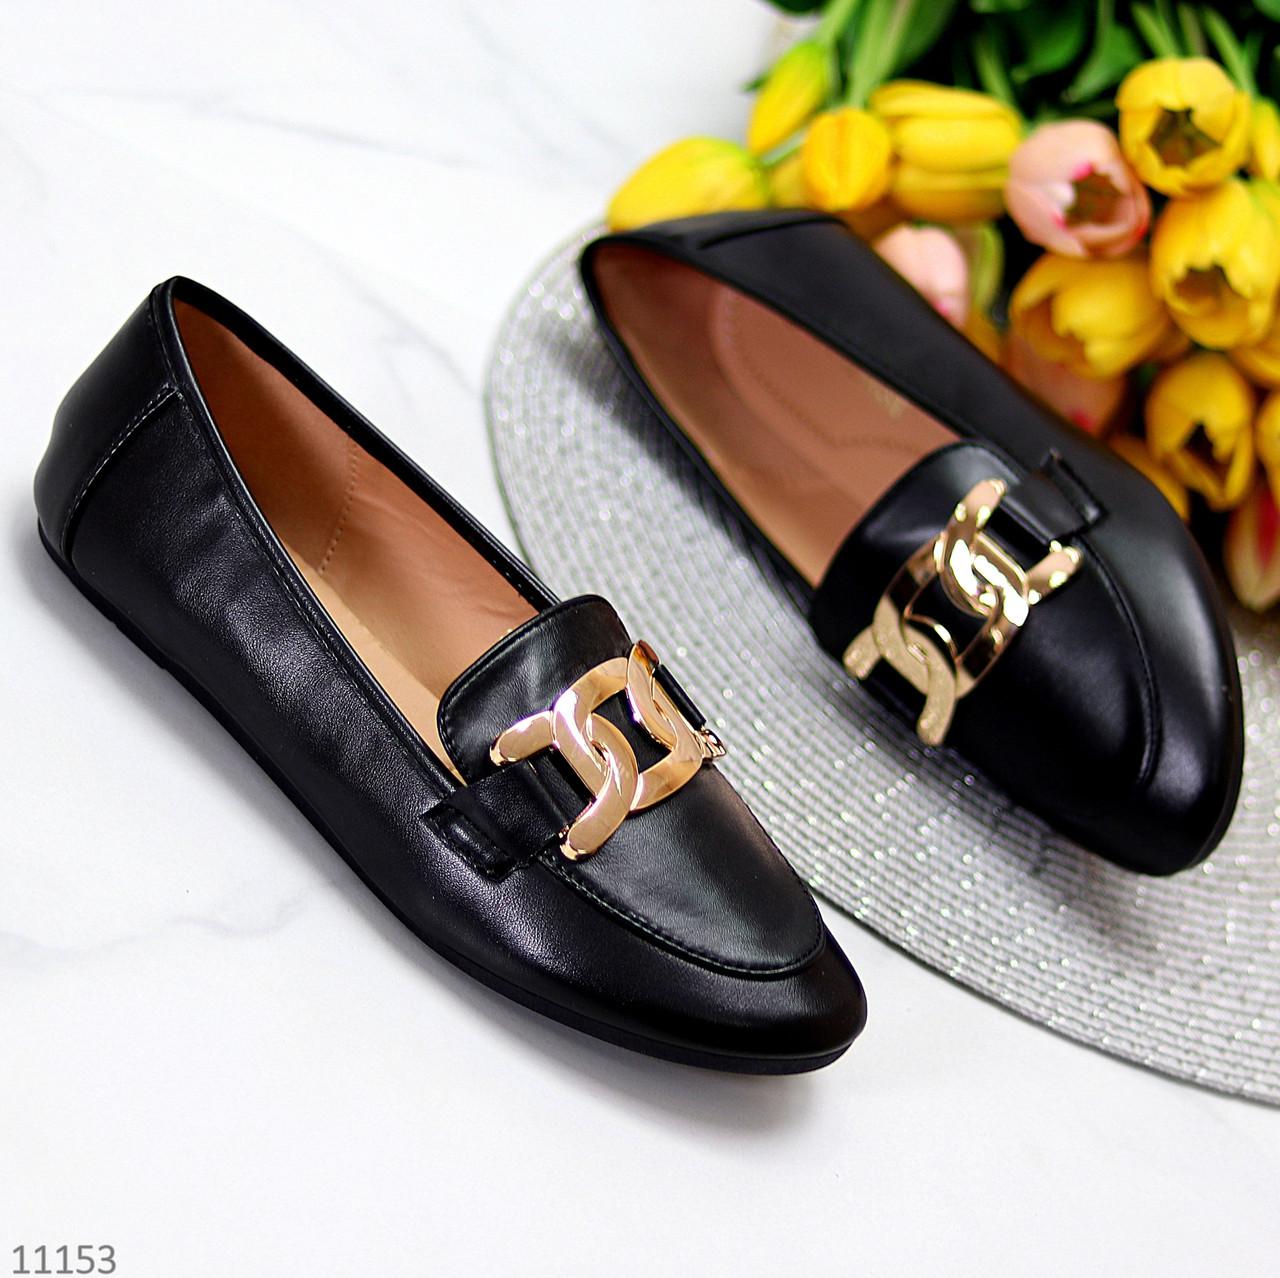 Универсальные комфортные черные женские мокасины с декором цепь 38-24см